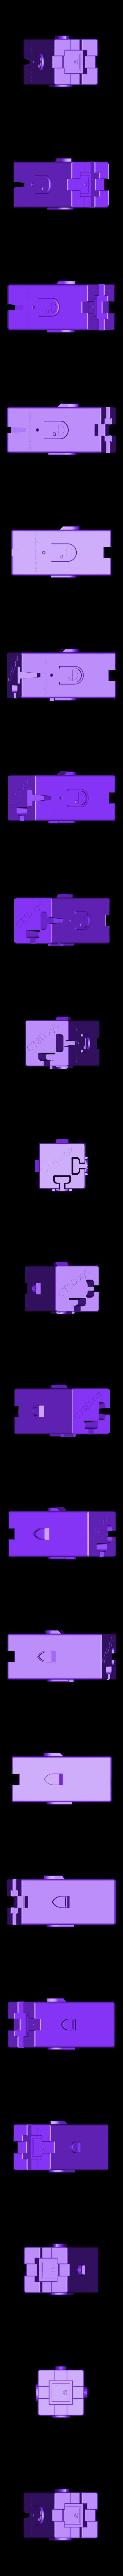 Scout_Tower_Corner_Closed_(Modular Castle Playset - 3D-printable)_By_CreativeTools.se.stl Télécharger fichier STL gratuit Plateau modulaire de château (imprimable en 3D) • Modèle à imprimer en 3D, CreativeTools